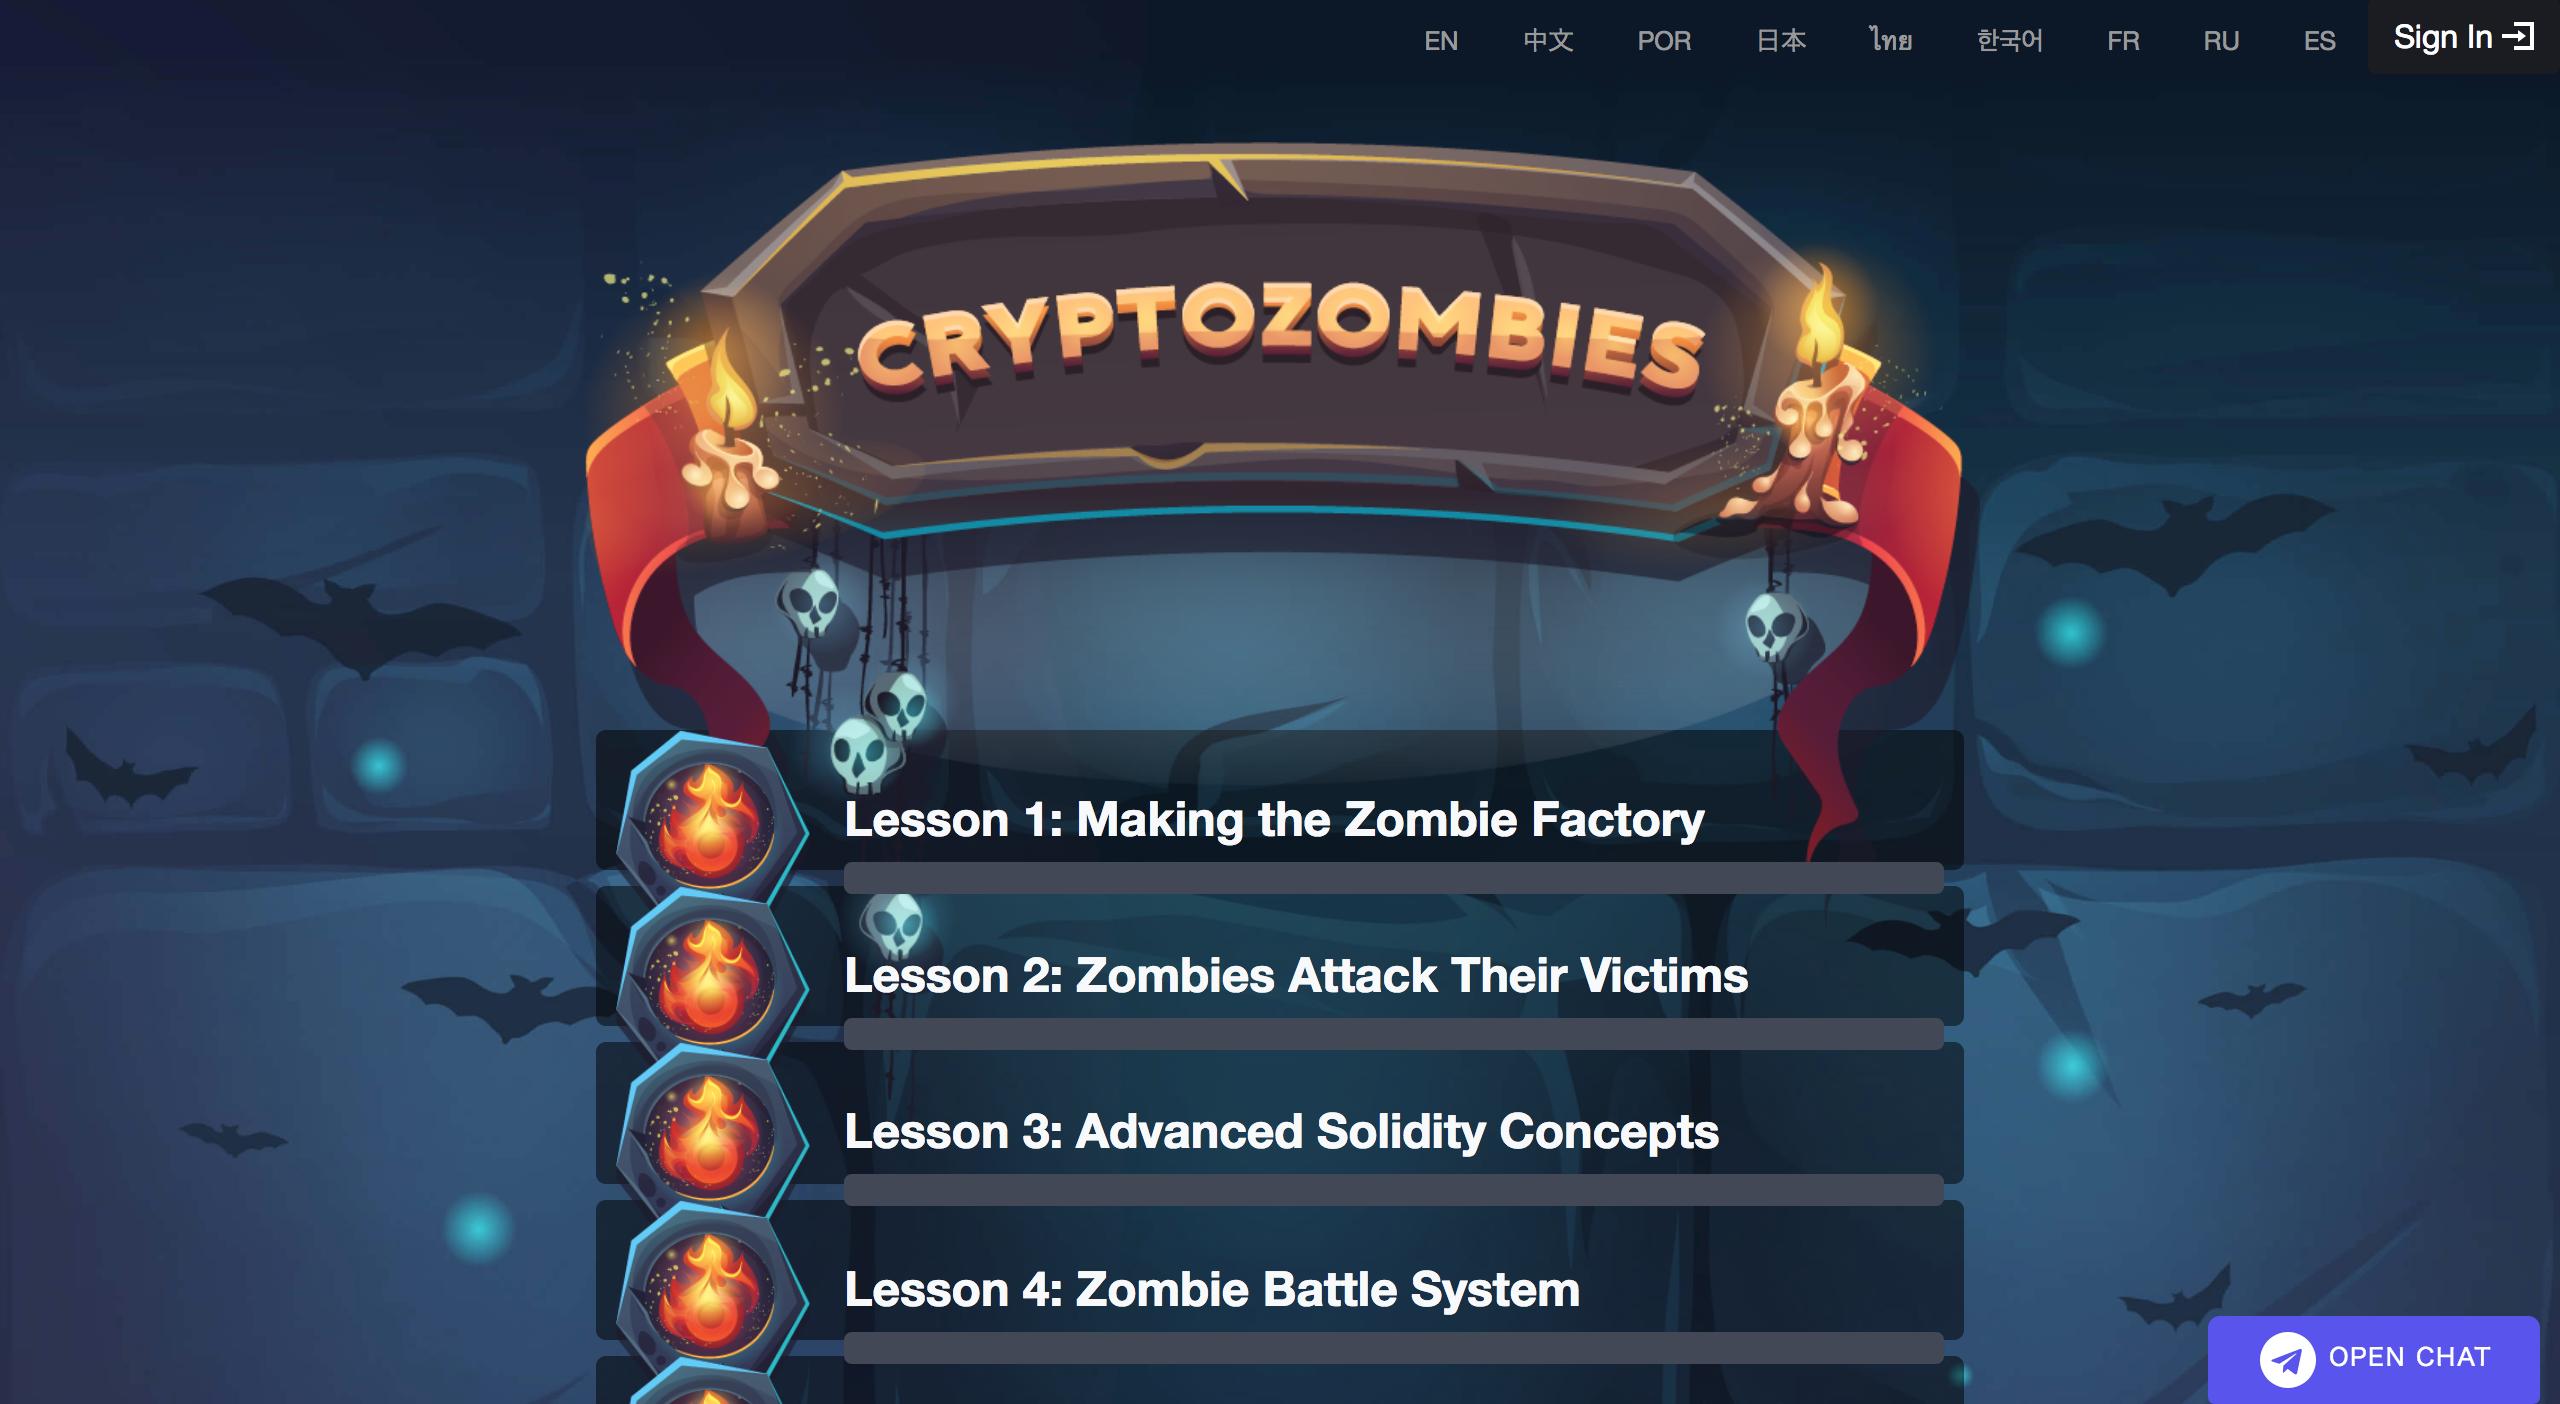 CryptoZombies02